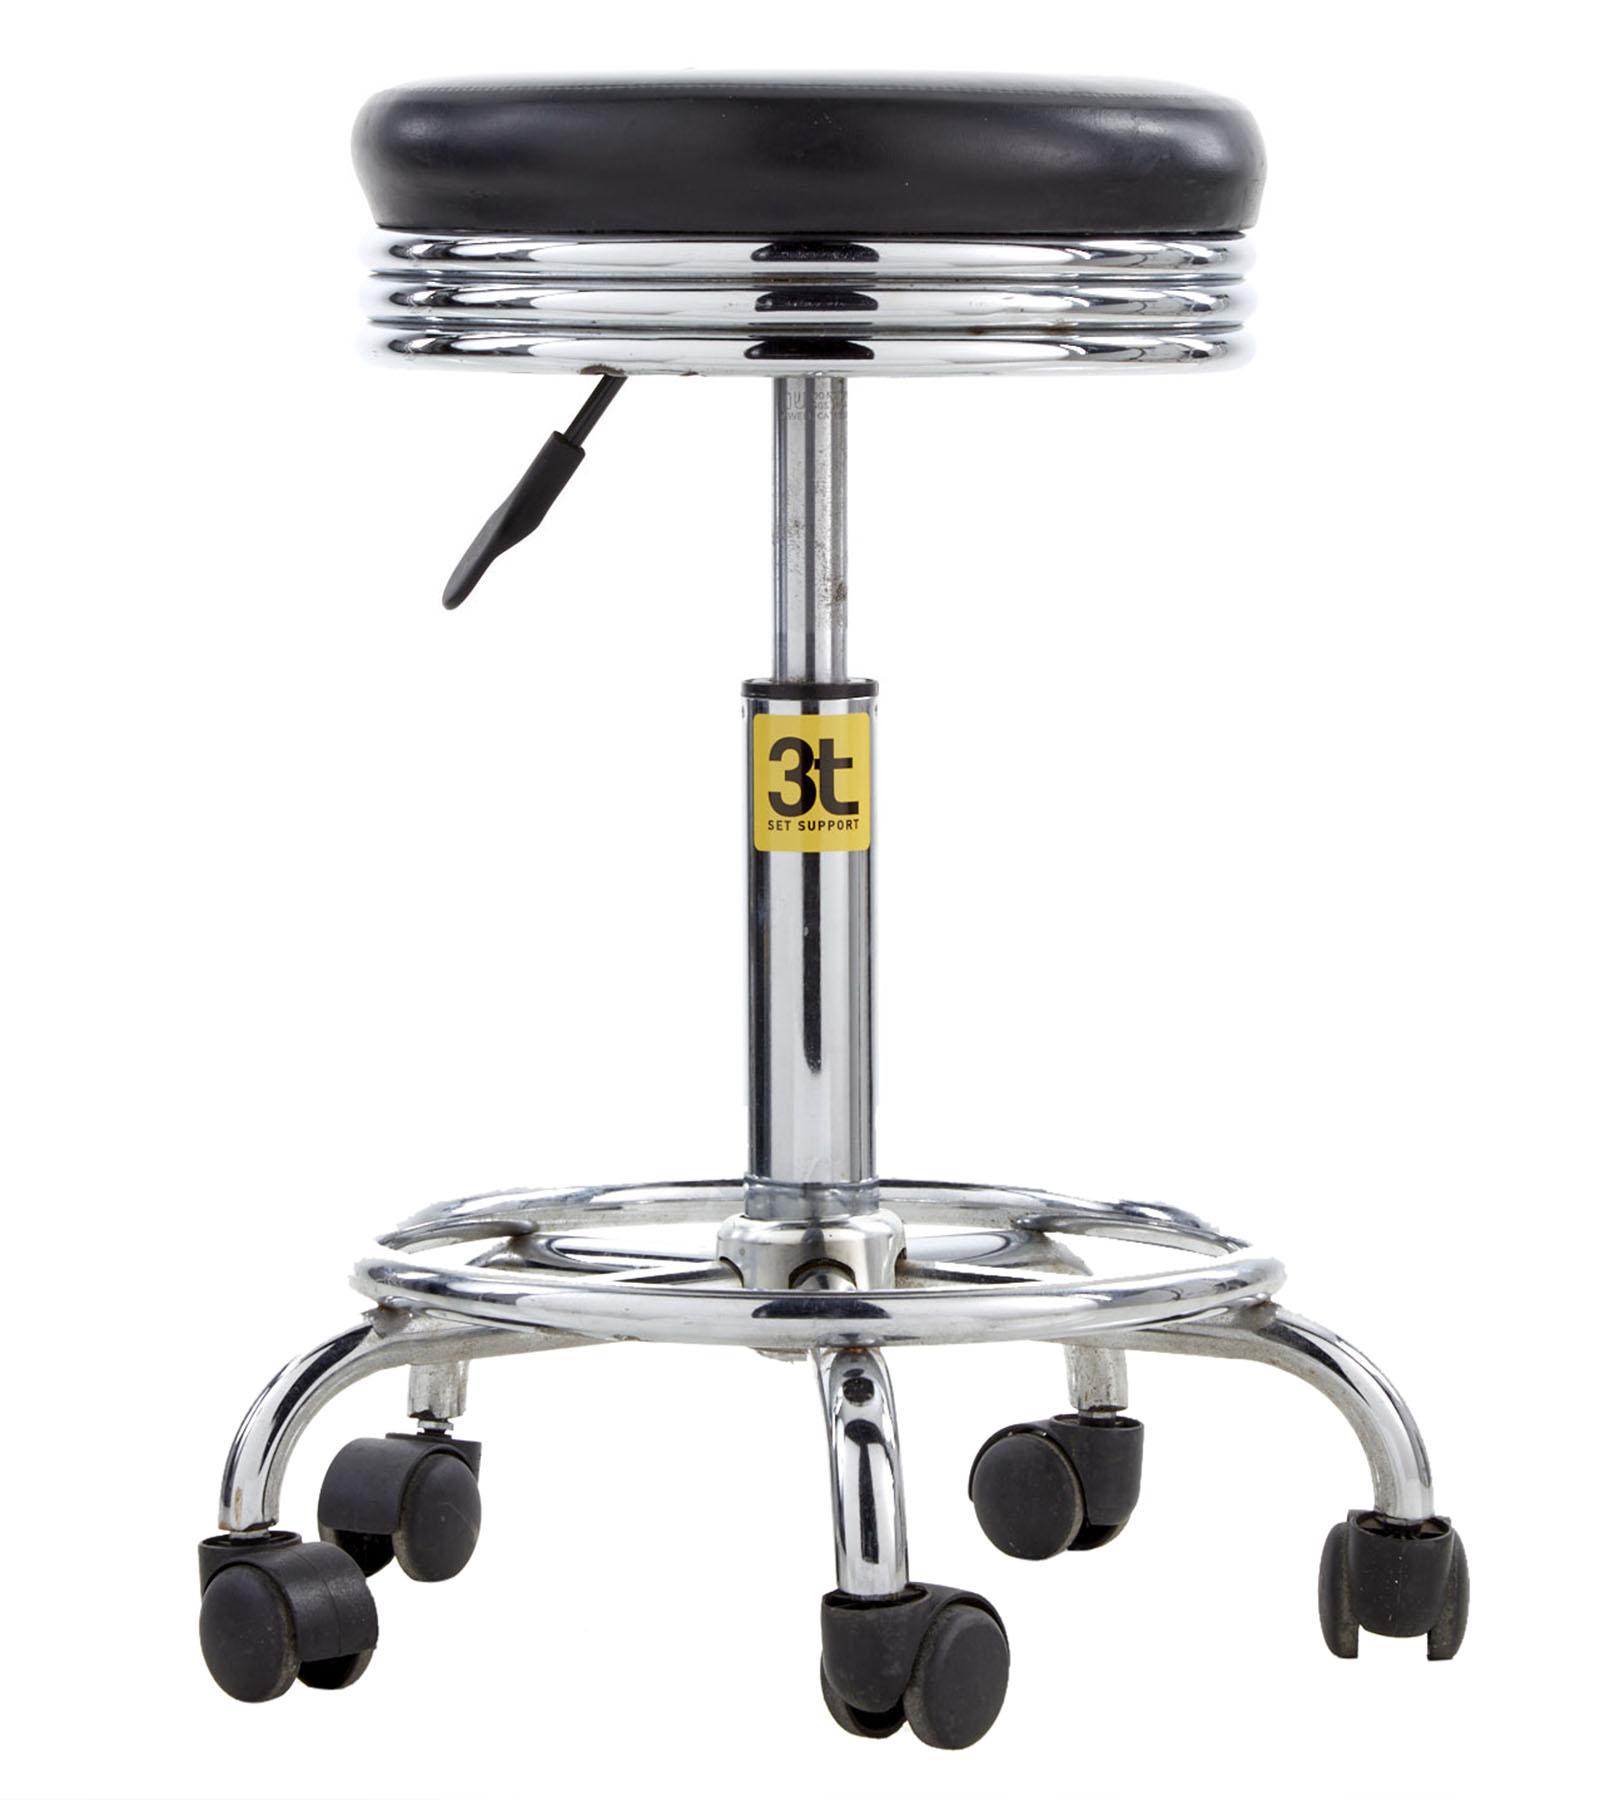 Banquinho p/ modelo c/ rodas e regulagem de altura